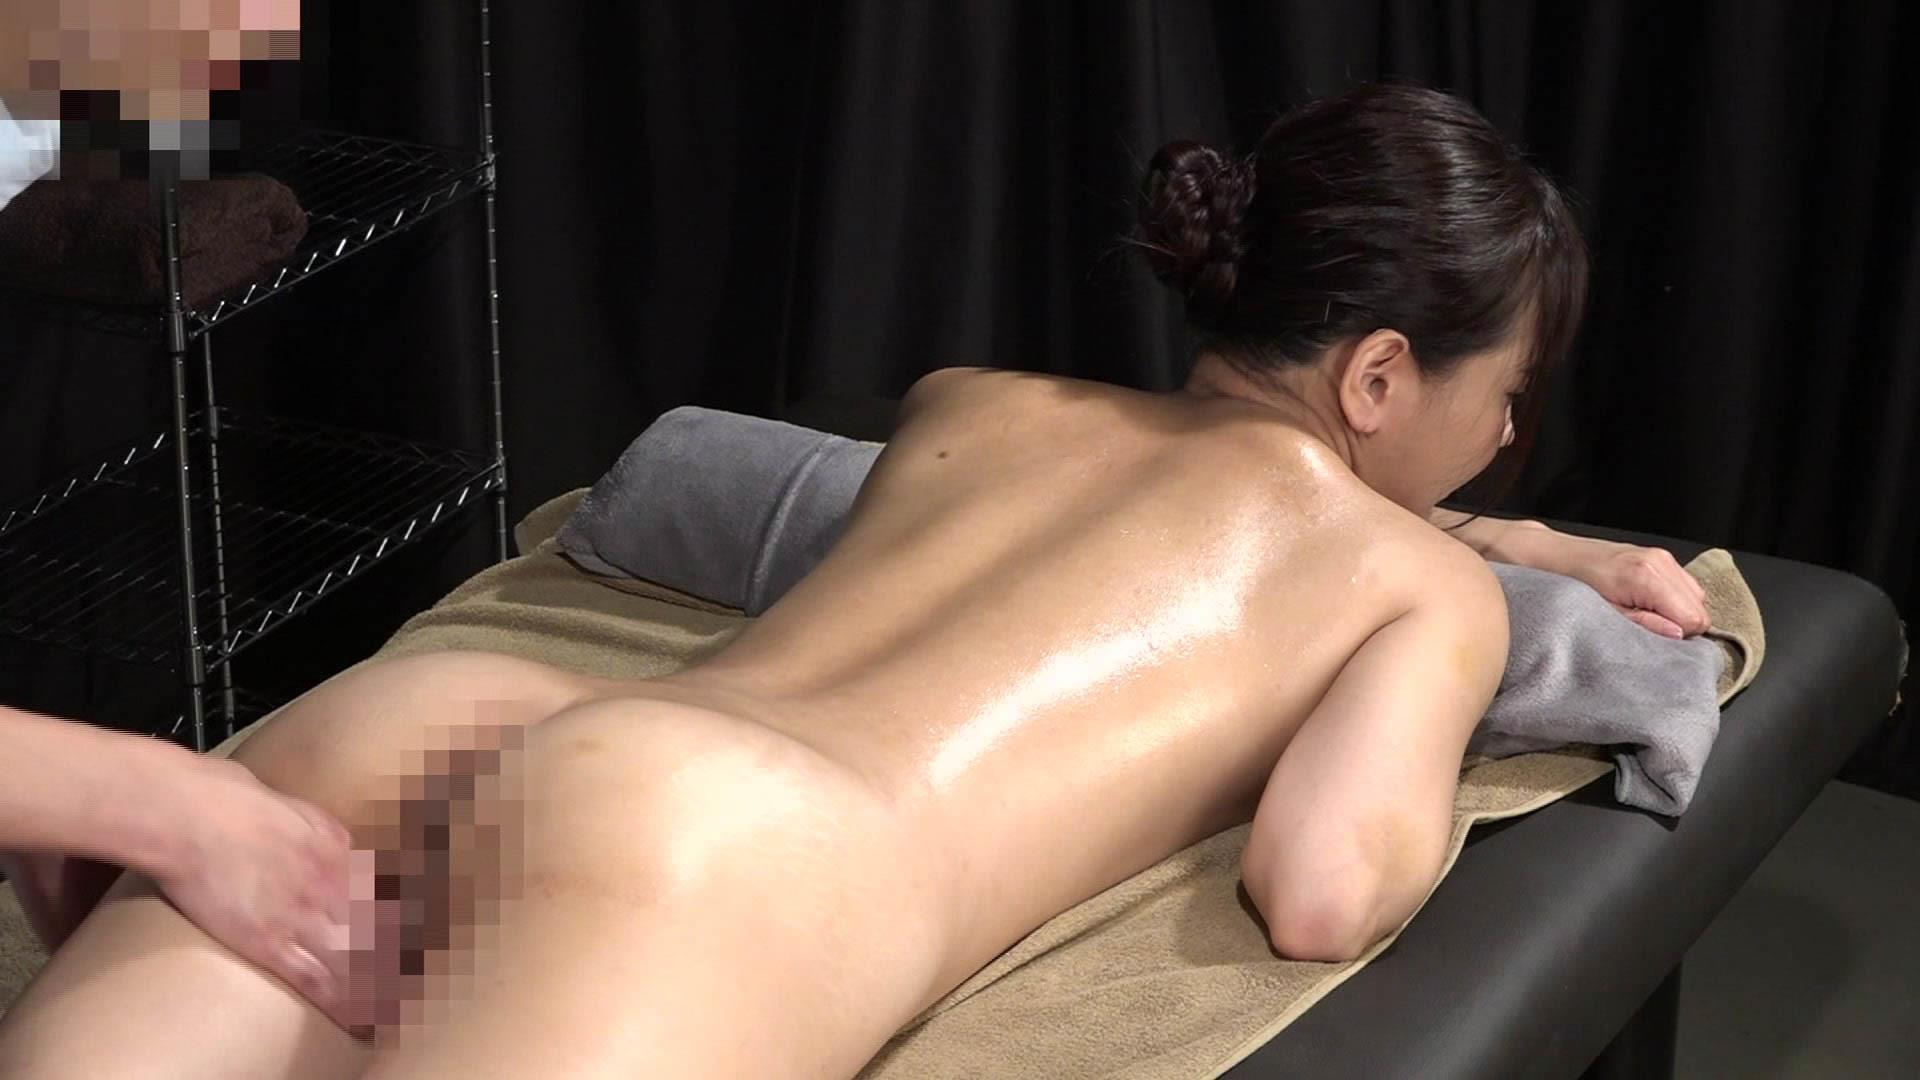 美人歯科衛生士を性感マッサージでとことんイカせてみた 画像2